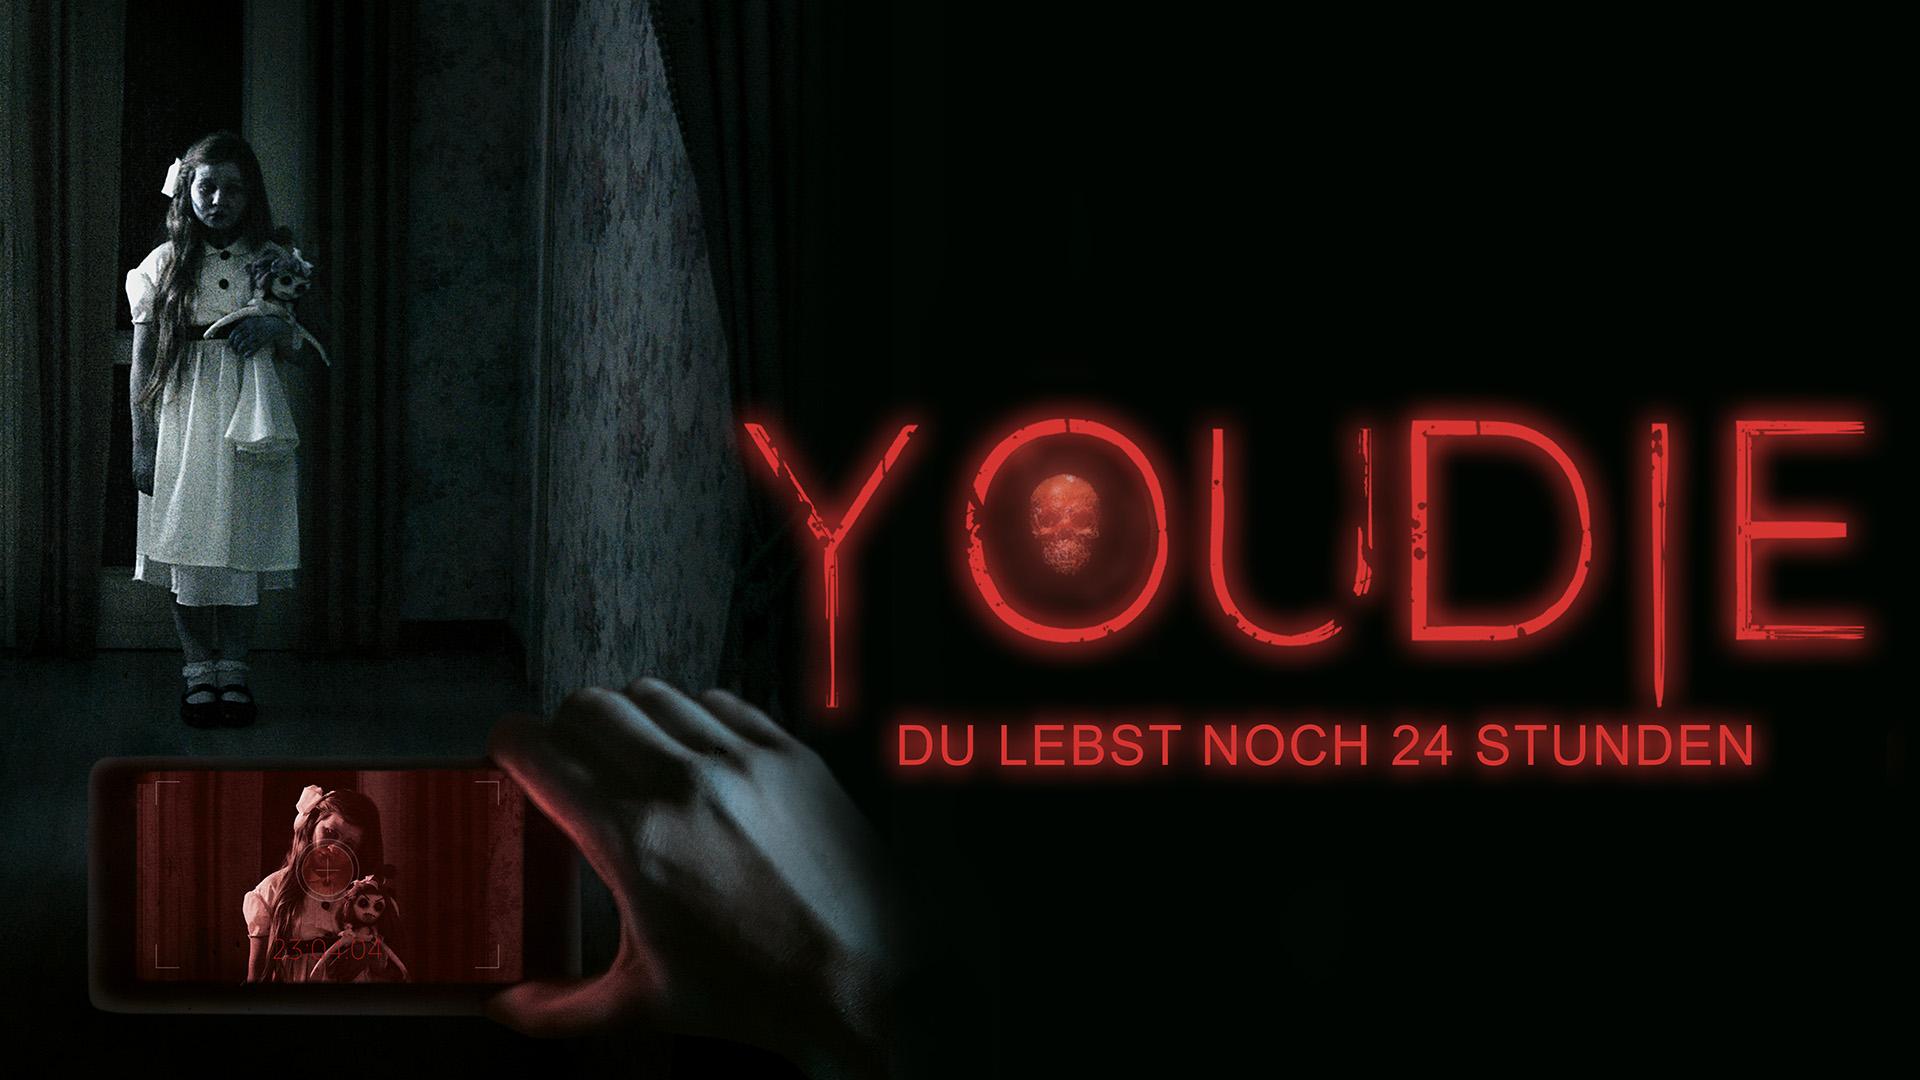 You Die: Du lebst noch 24 Stunden